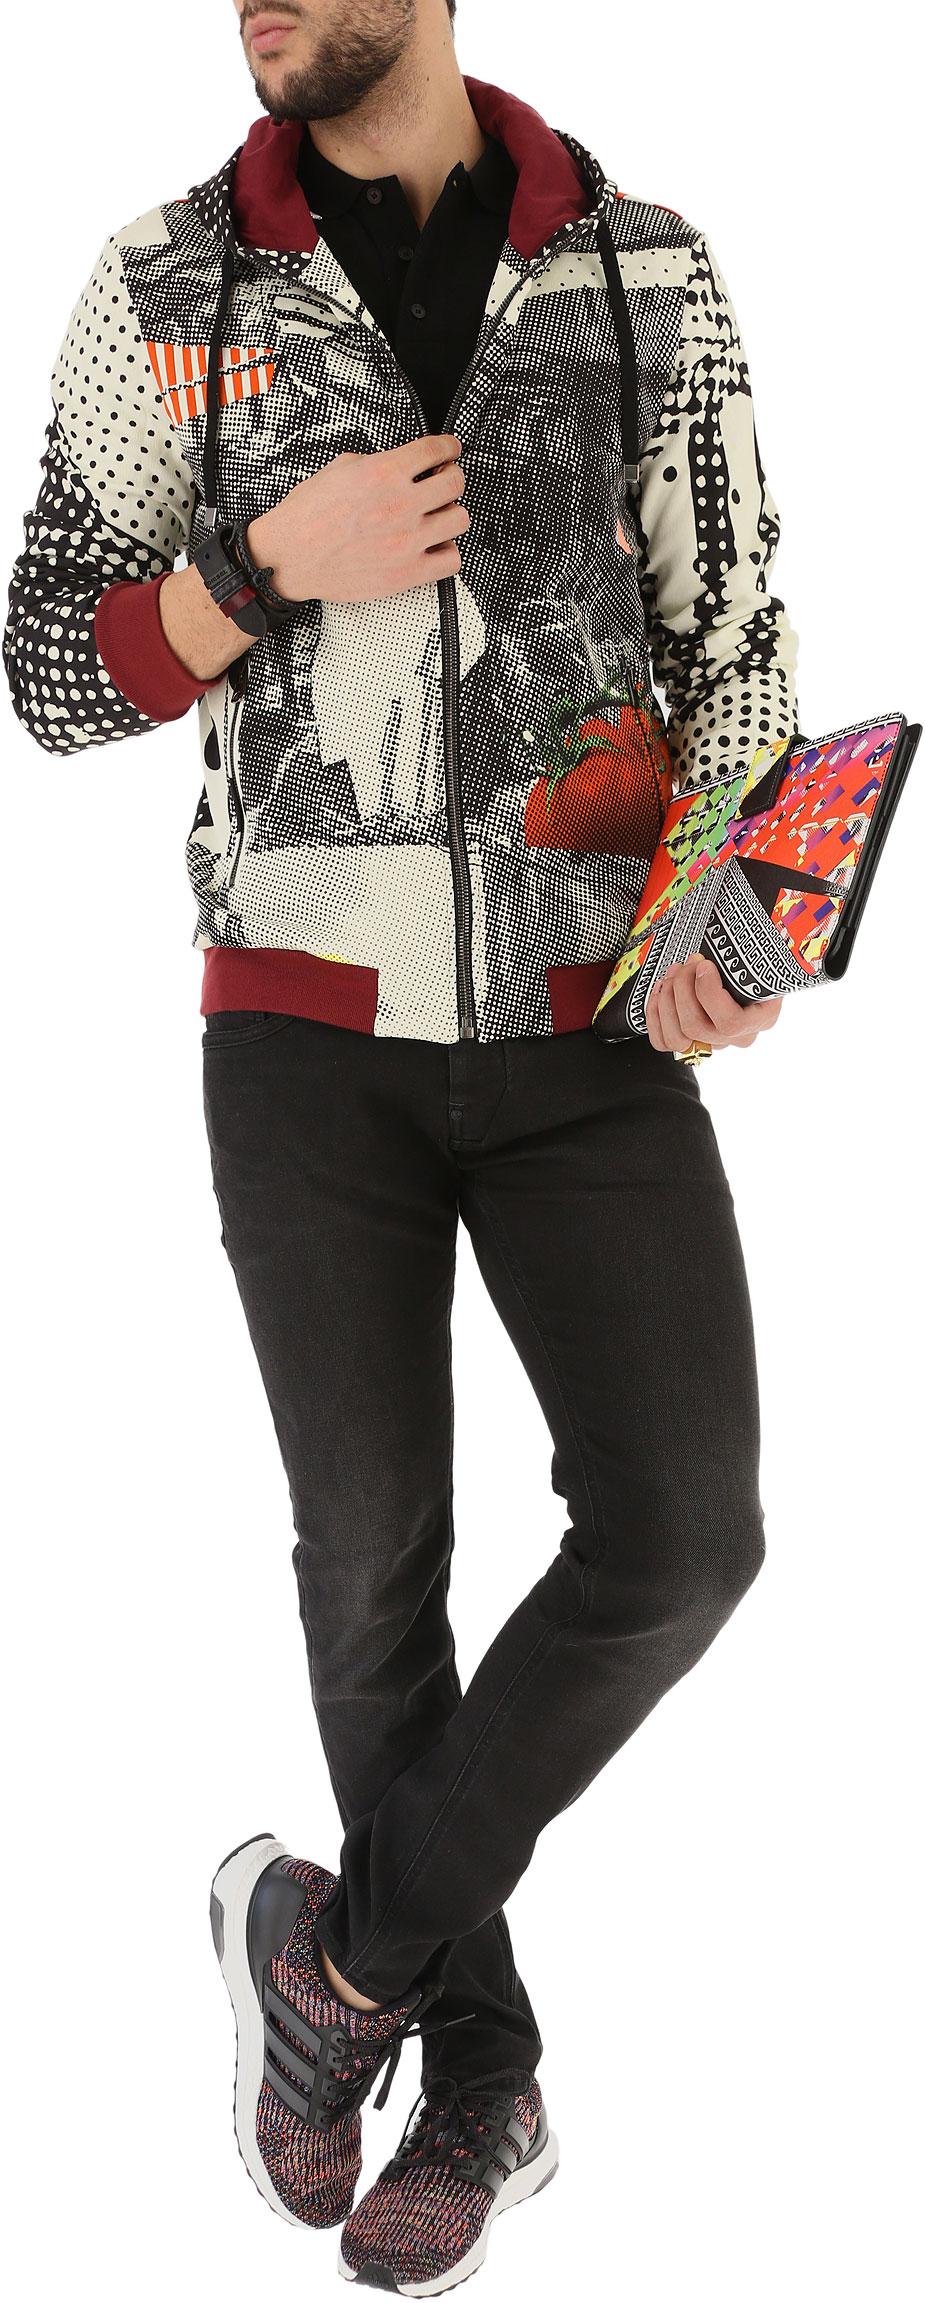 Abbigliamento Uomo G-Star, Codice Articolo: 50627-6009-89